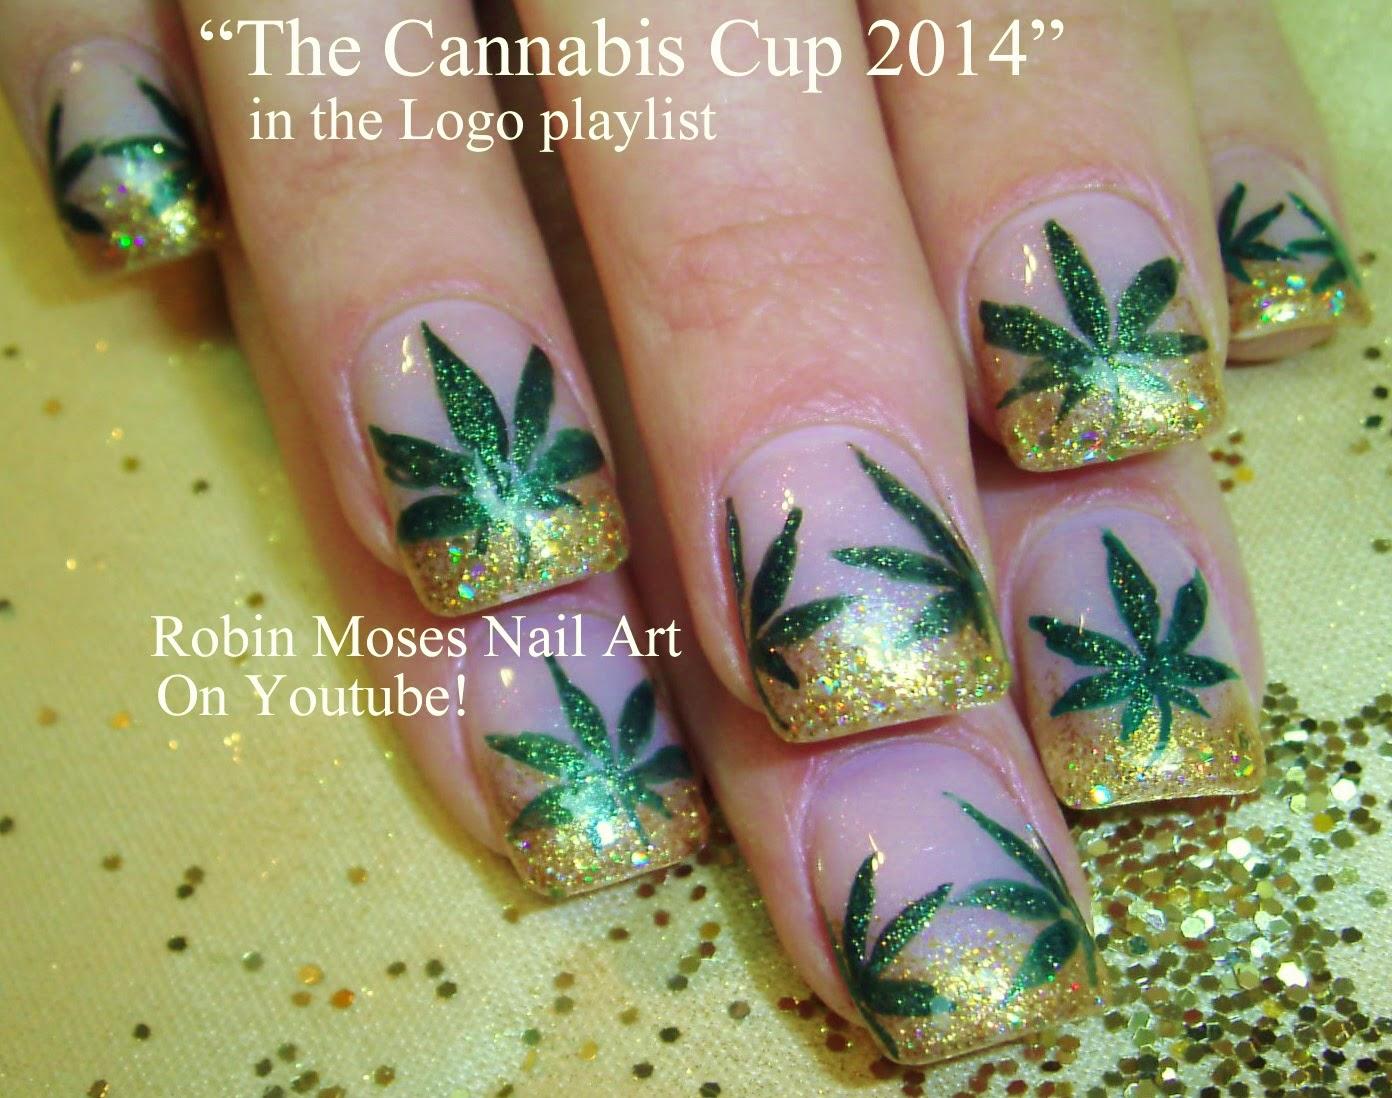 Nail Art By Robin Moses Cannabis Cup 2014 Nail Art 420 Nail